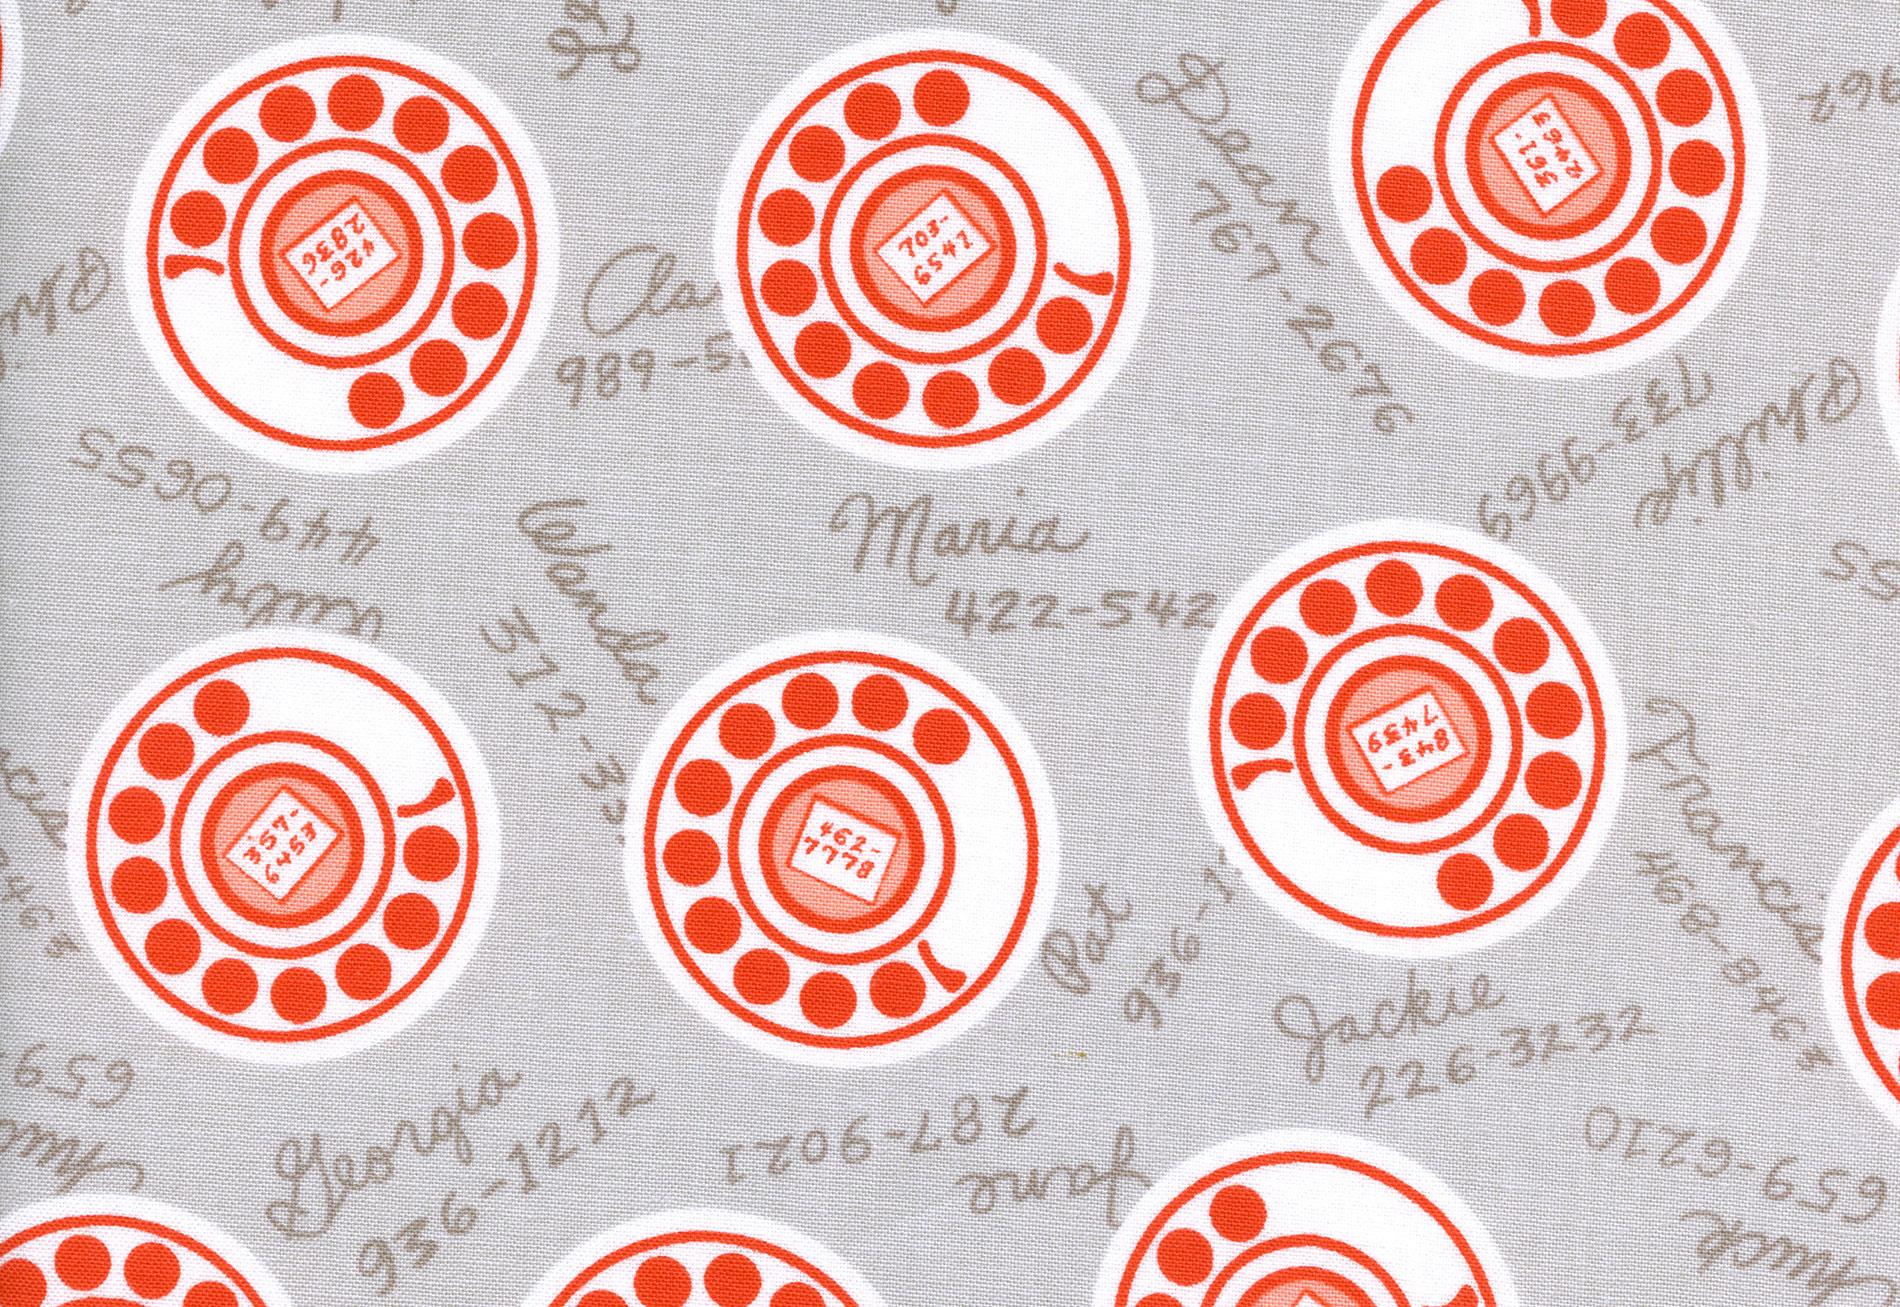 3033-1.Rotary.Club.DIals